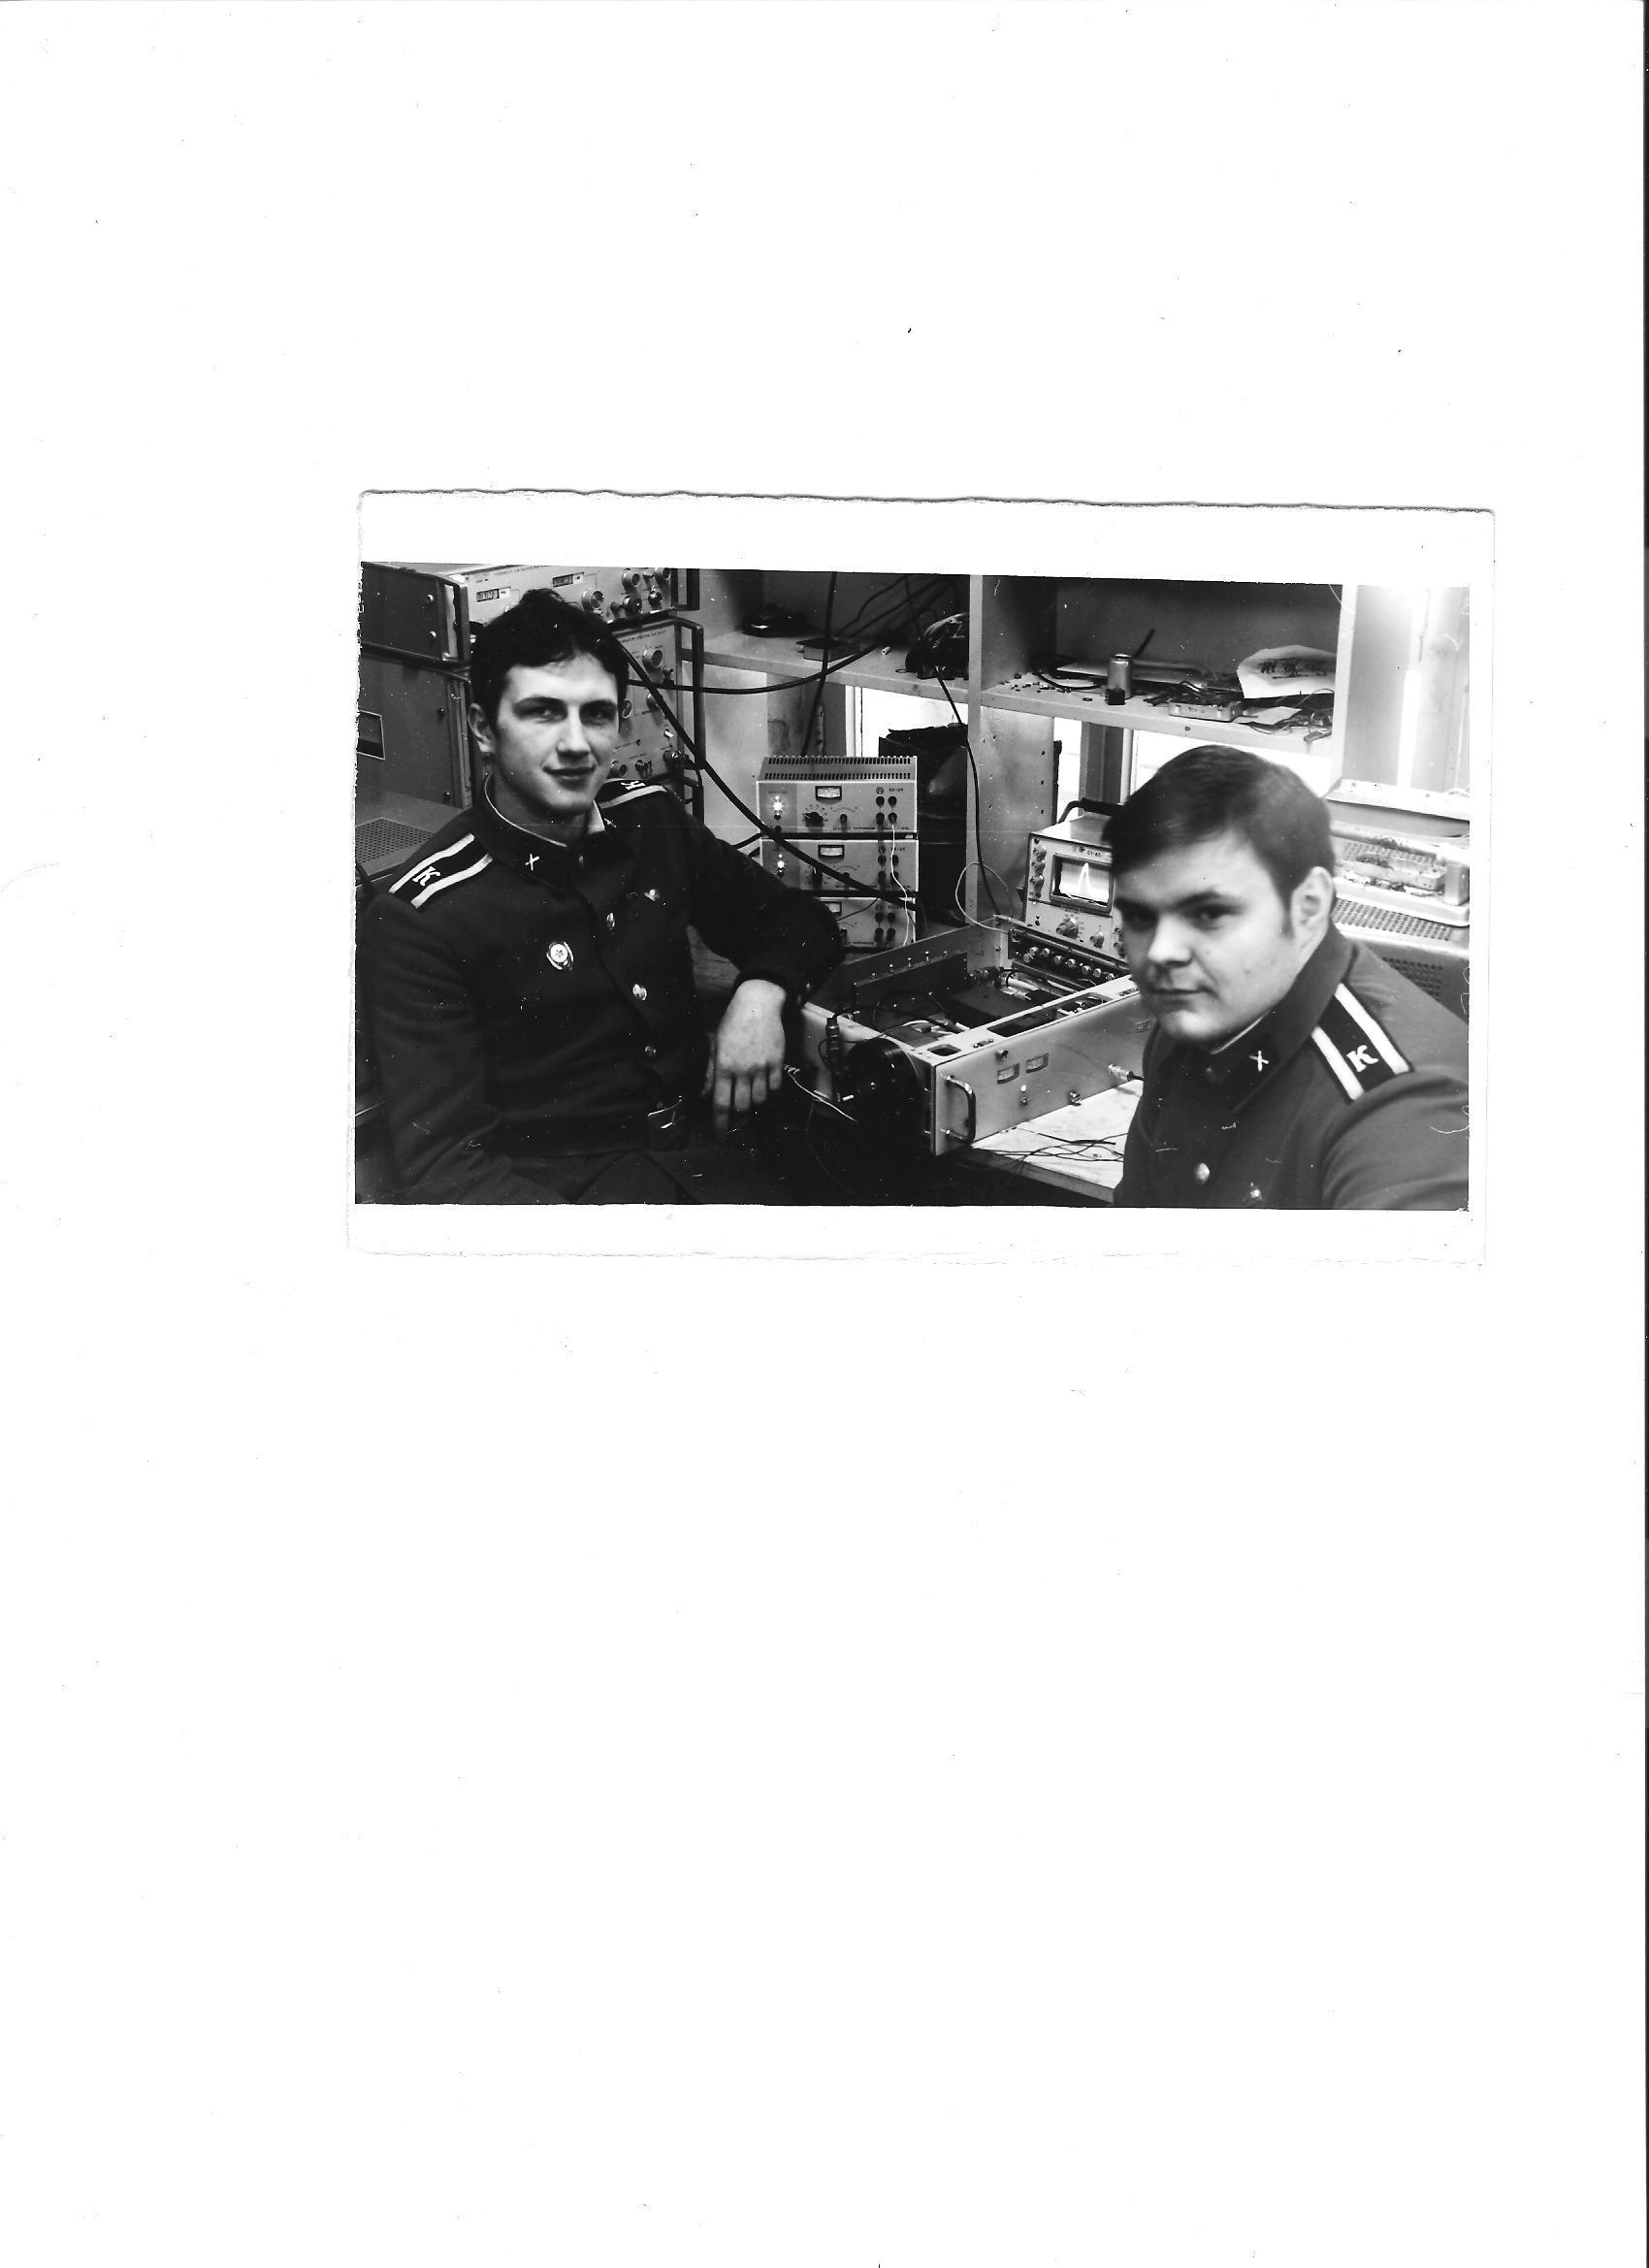 Курсанты Лысяков Игорь и Кардаильский Анатолий (слева), еще с училища готовились к службе на Зап.Кильдинею